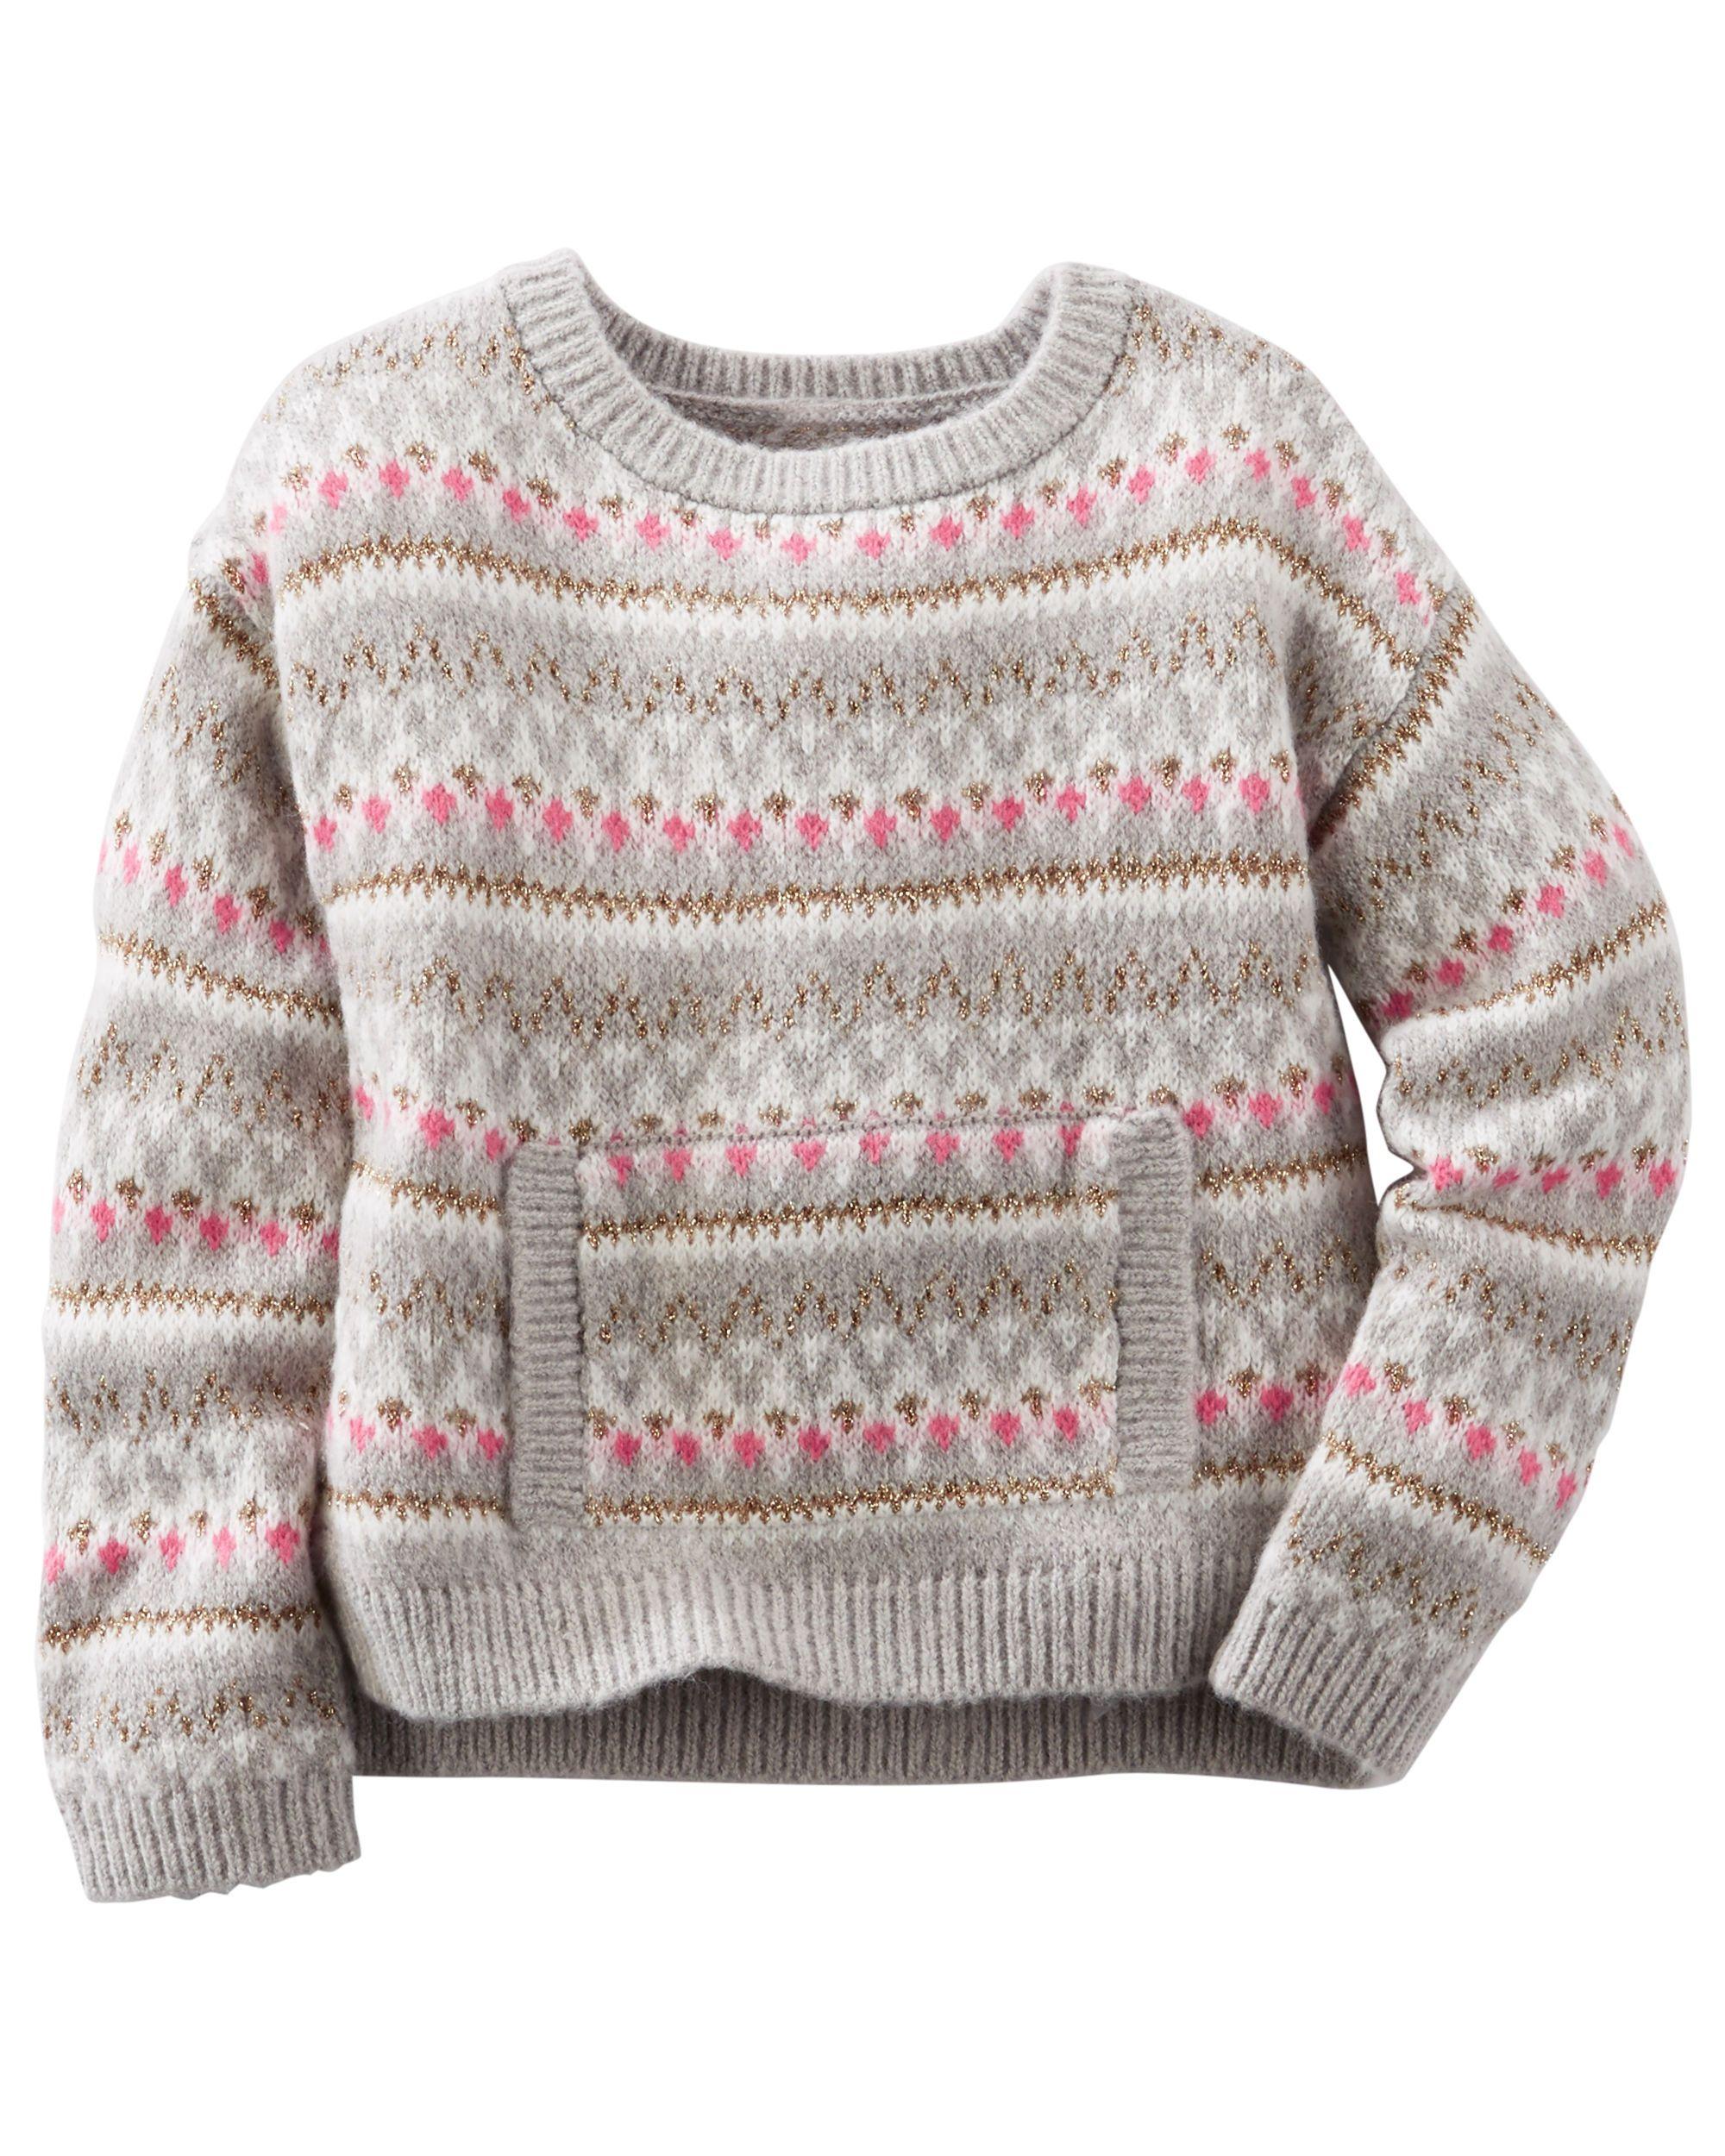 Drop-Shoulder Fair Isle Sweater | Fair isles, Shops and Kid